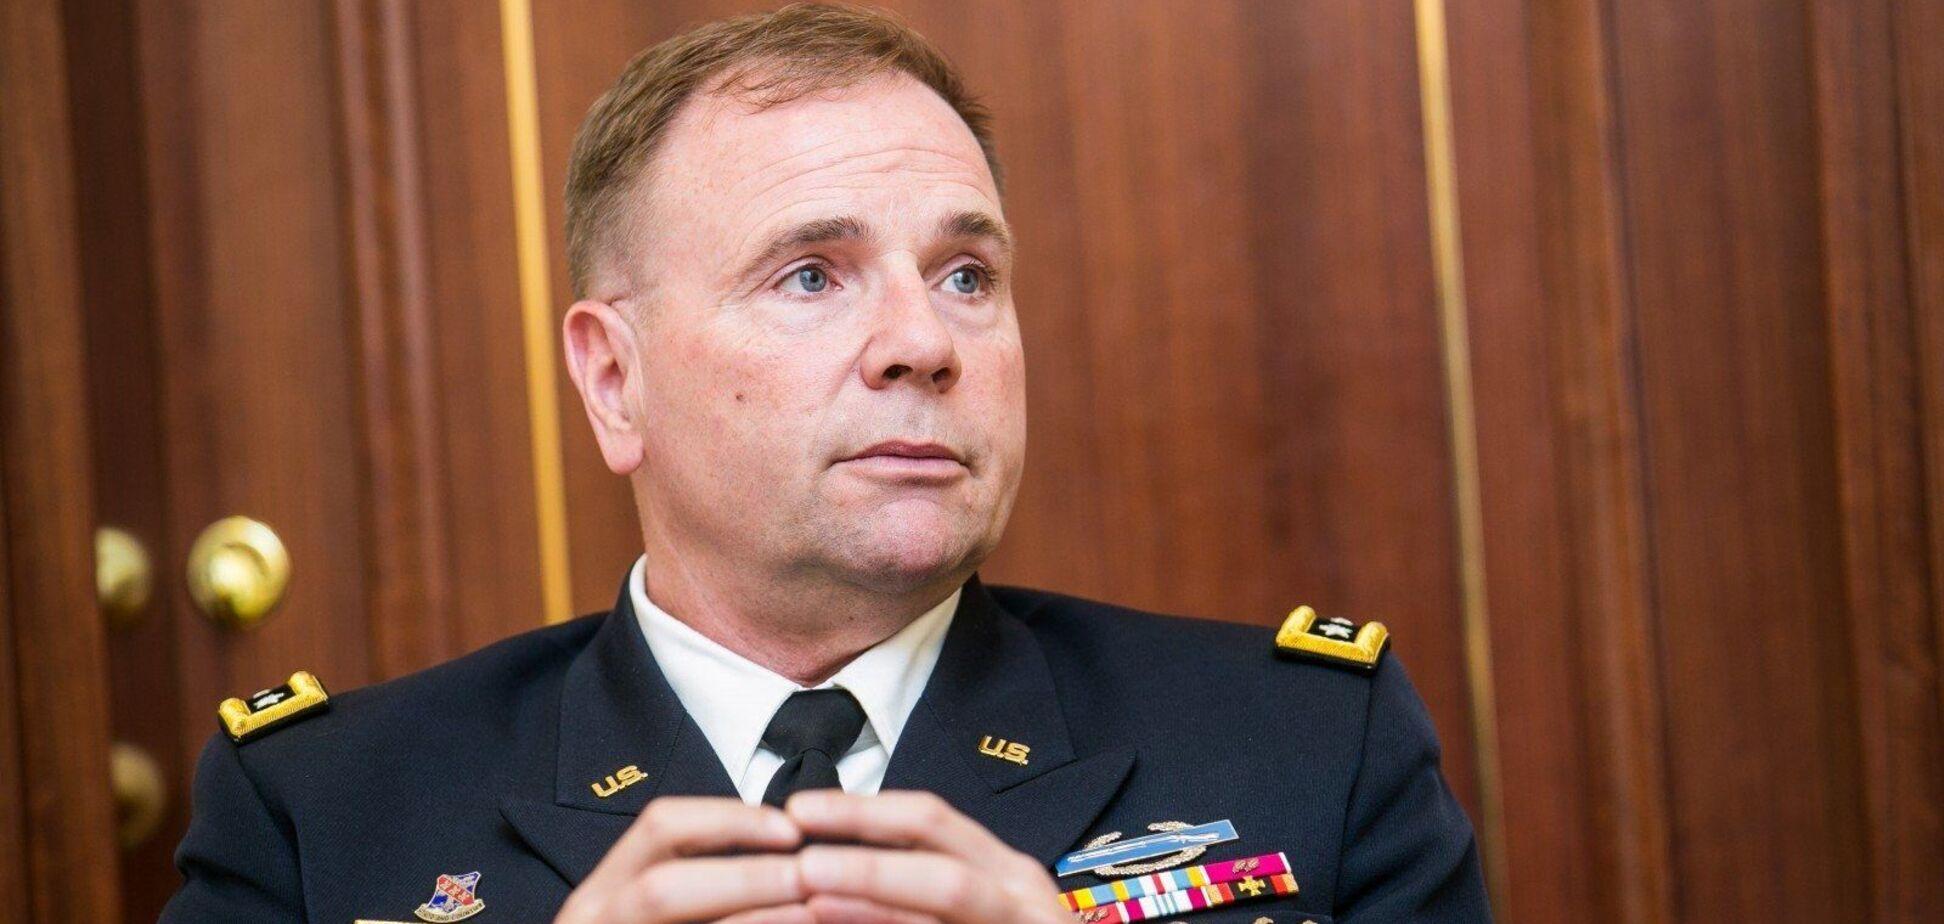 Ходжес заявил о неготовности Украины к вступлению в НАТО